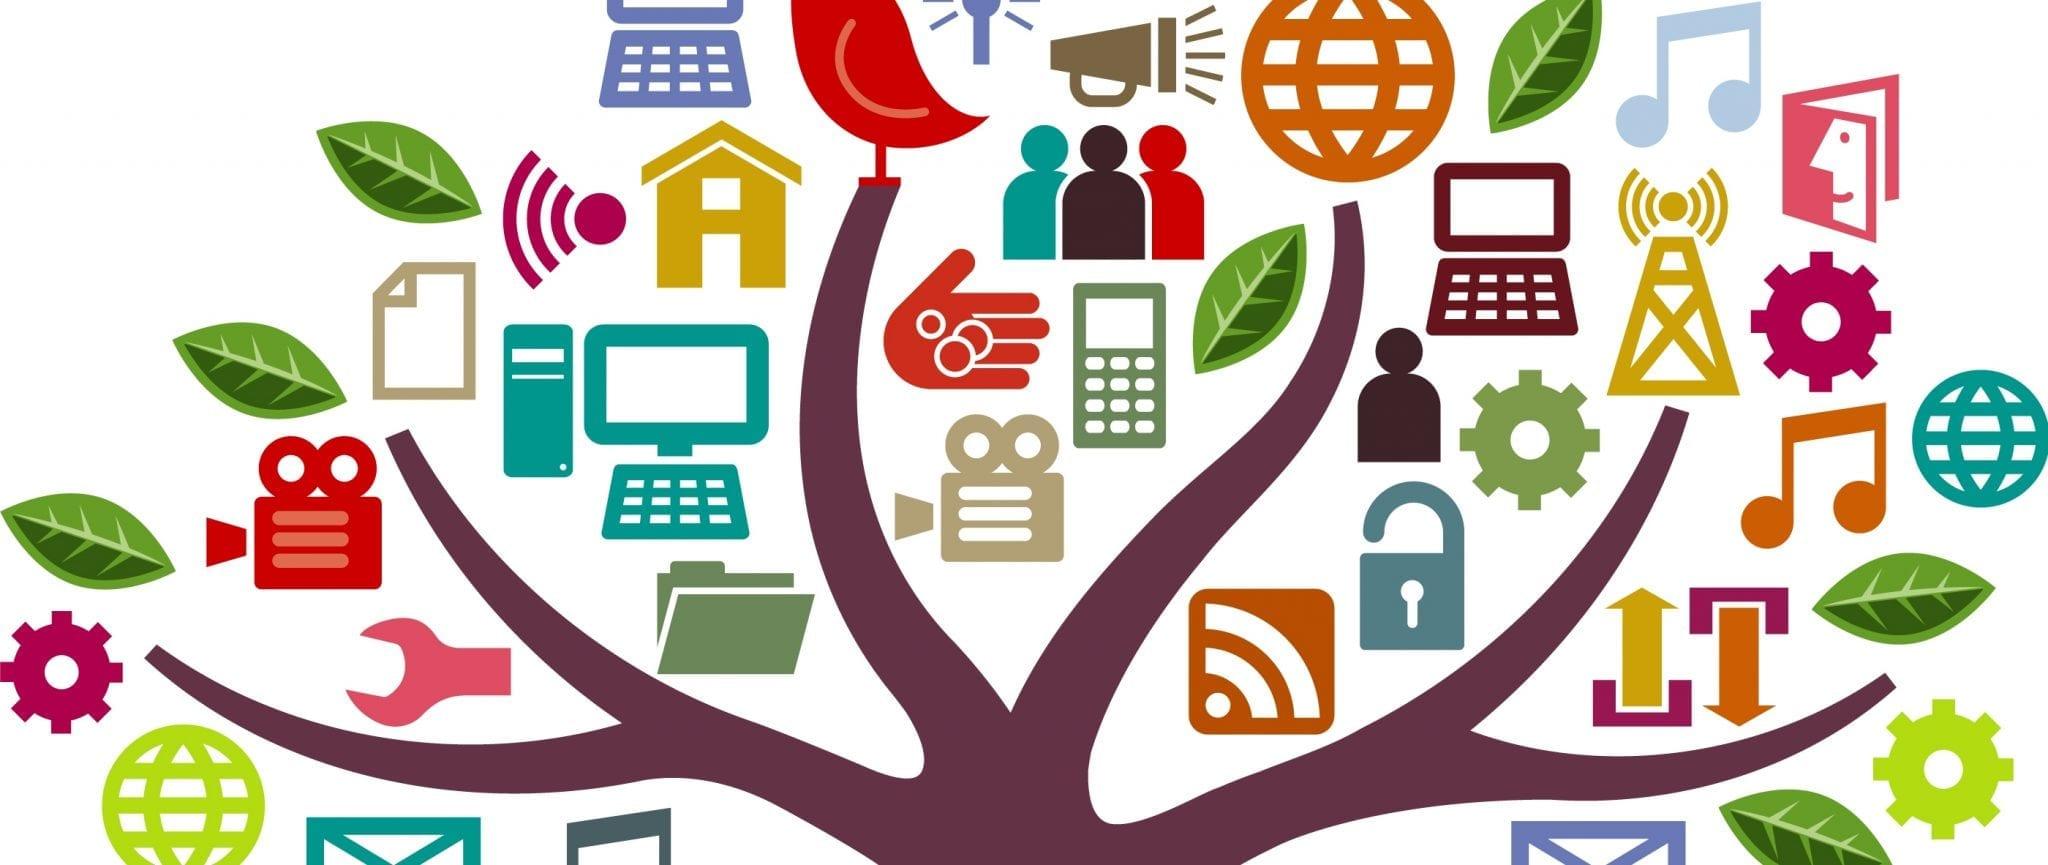 Medios De Comunicación Vocabulario Guía Estudio 2019